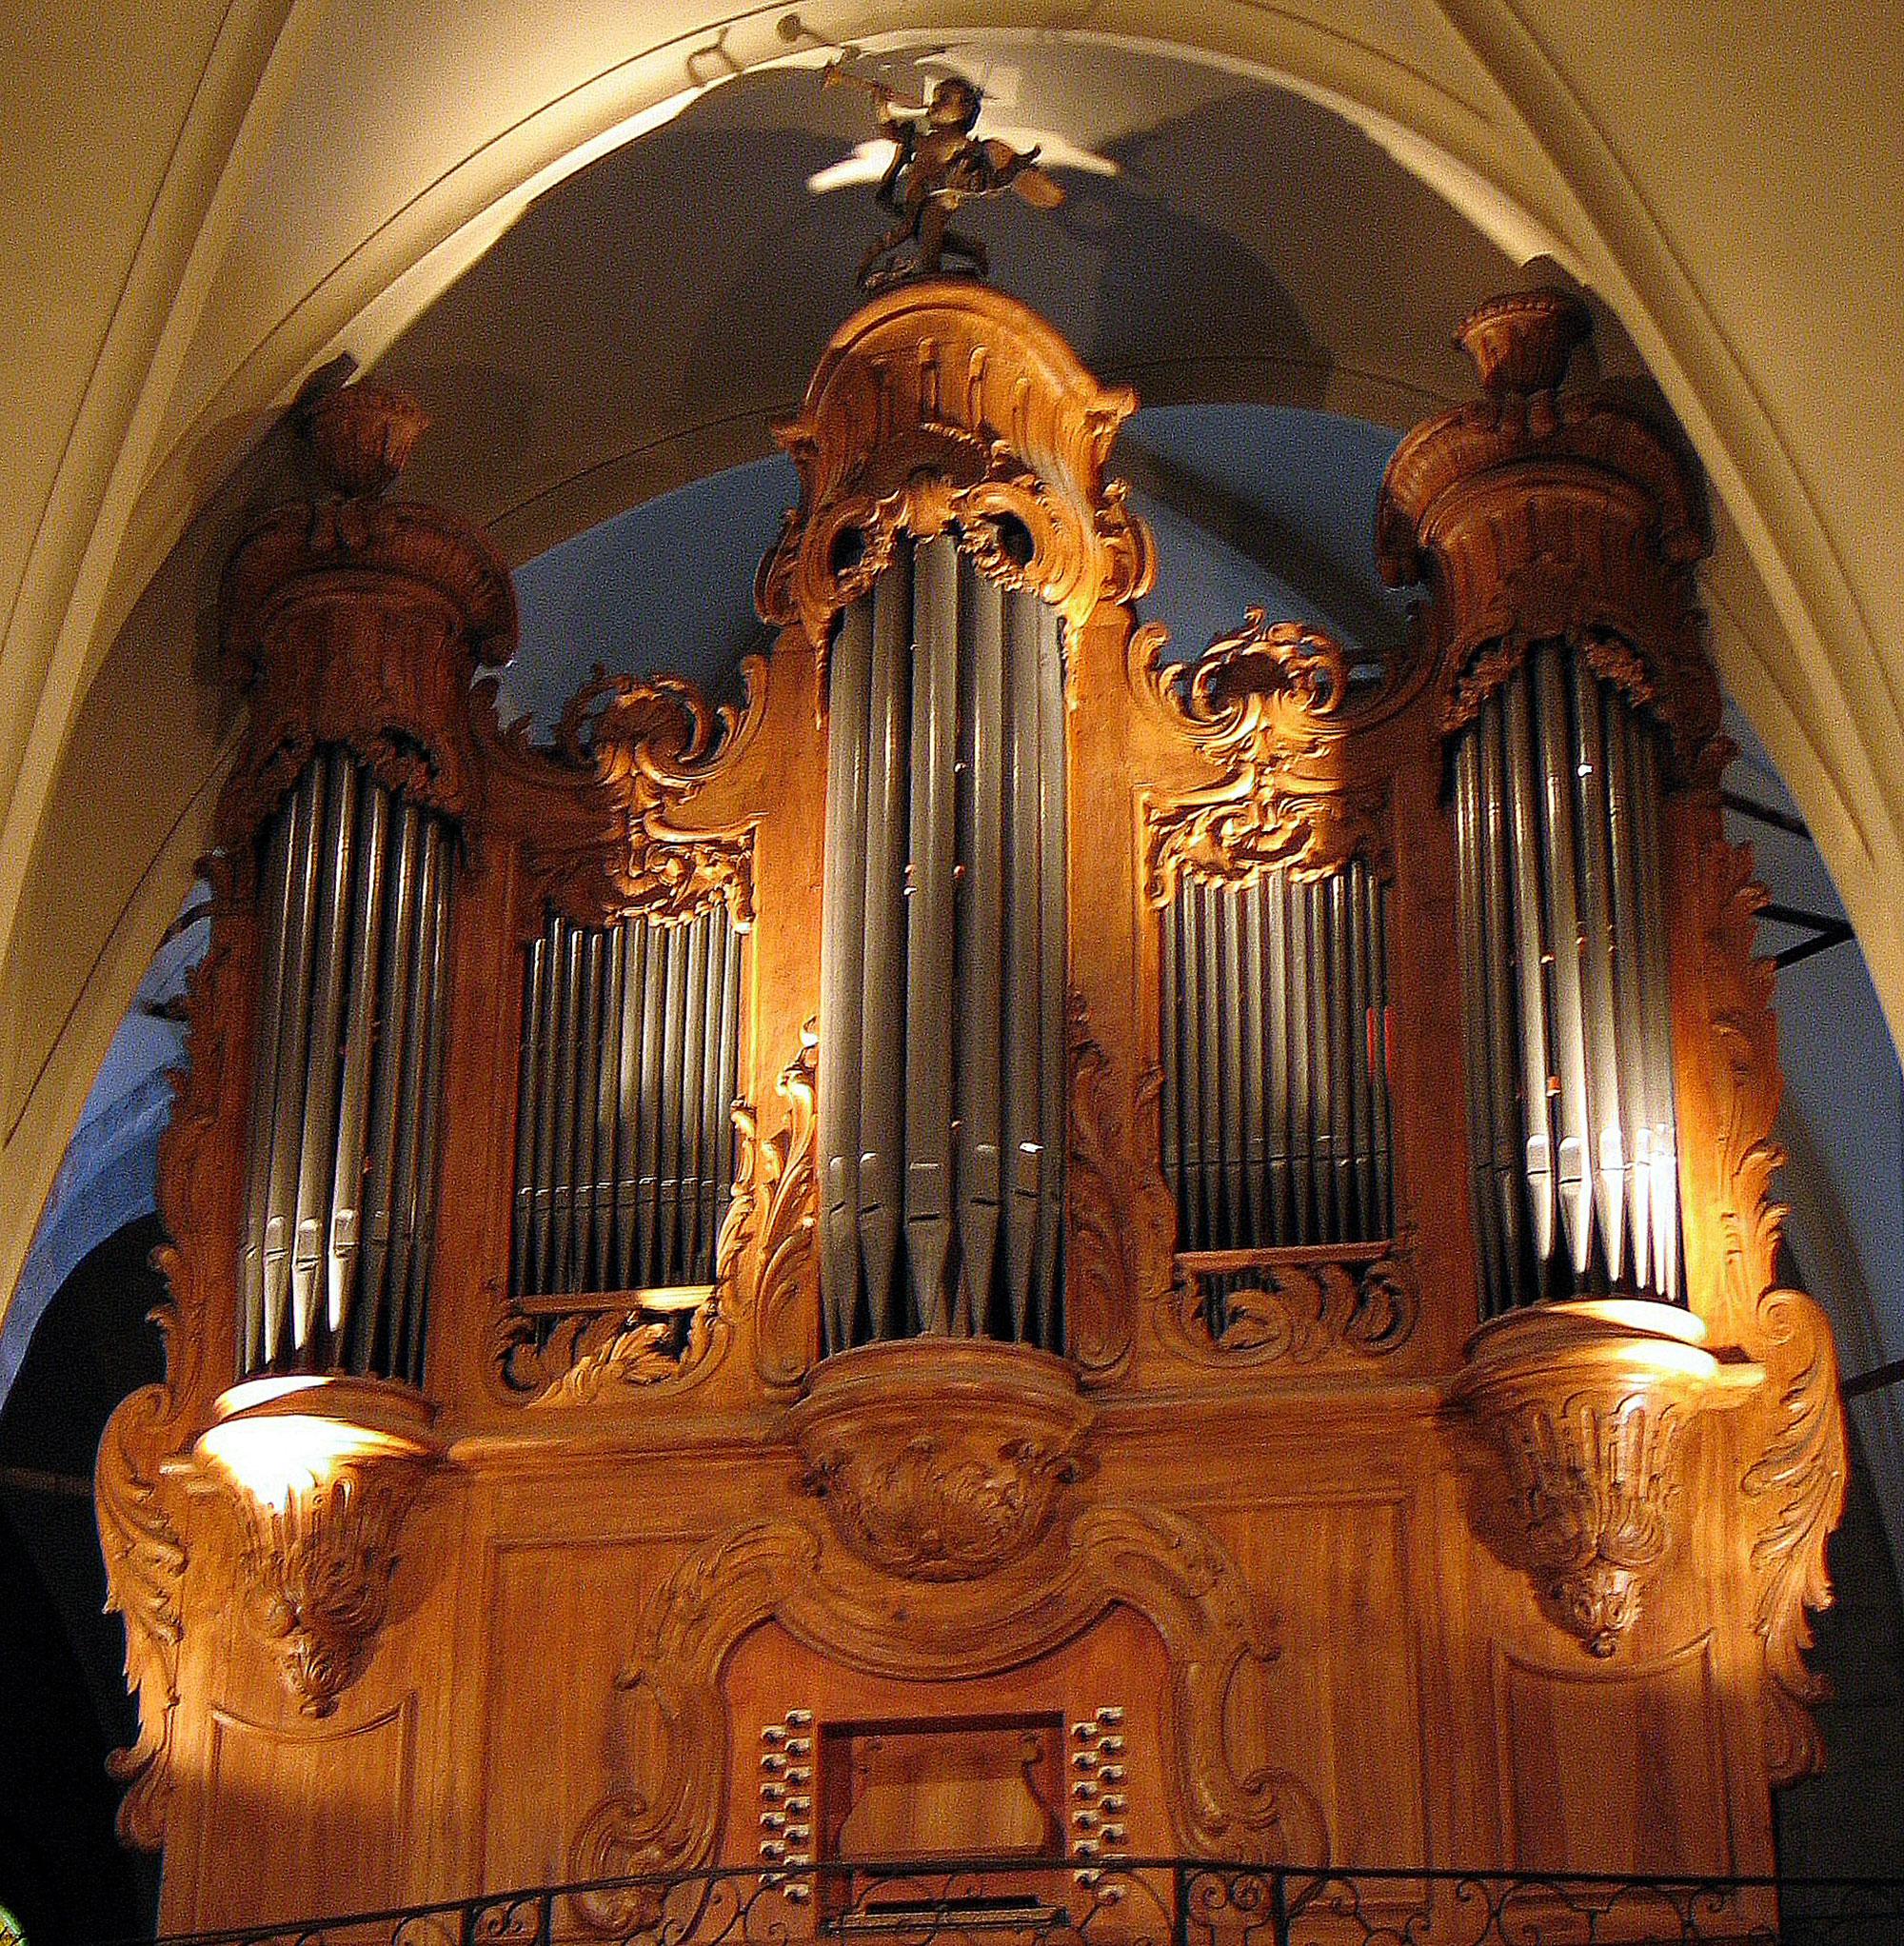 1690 Frères Jullien Organ - OrganArt Media